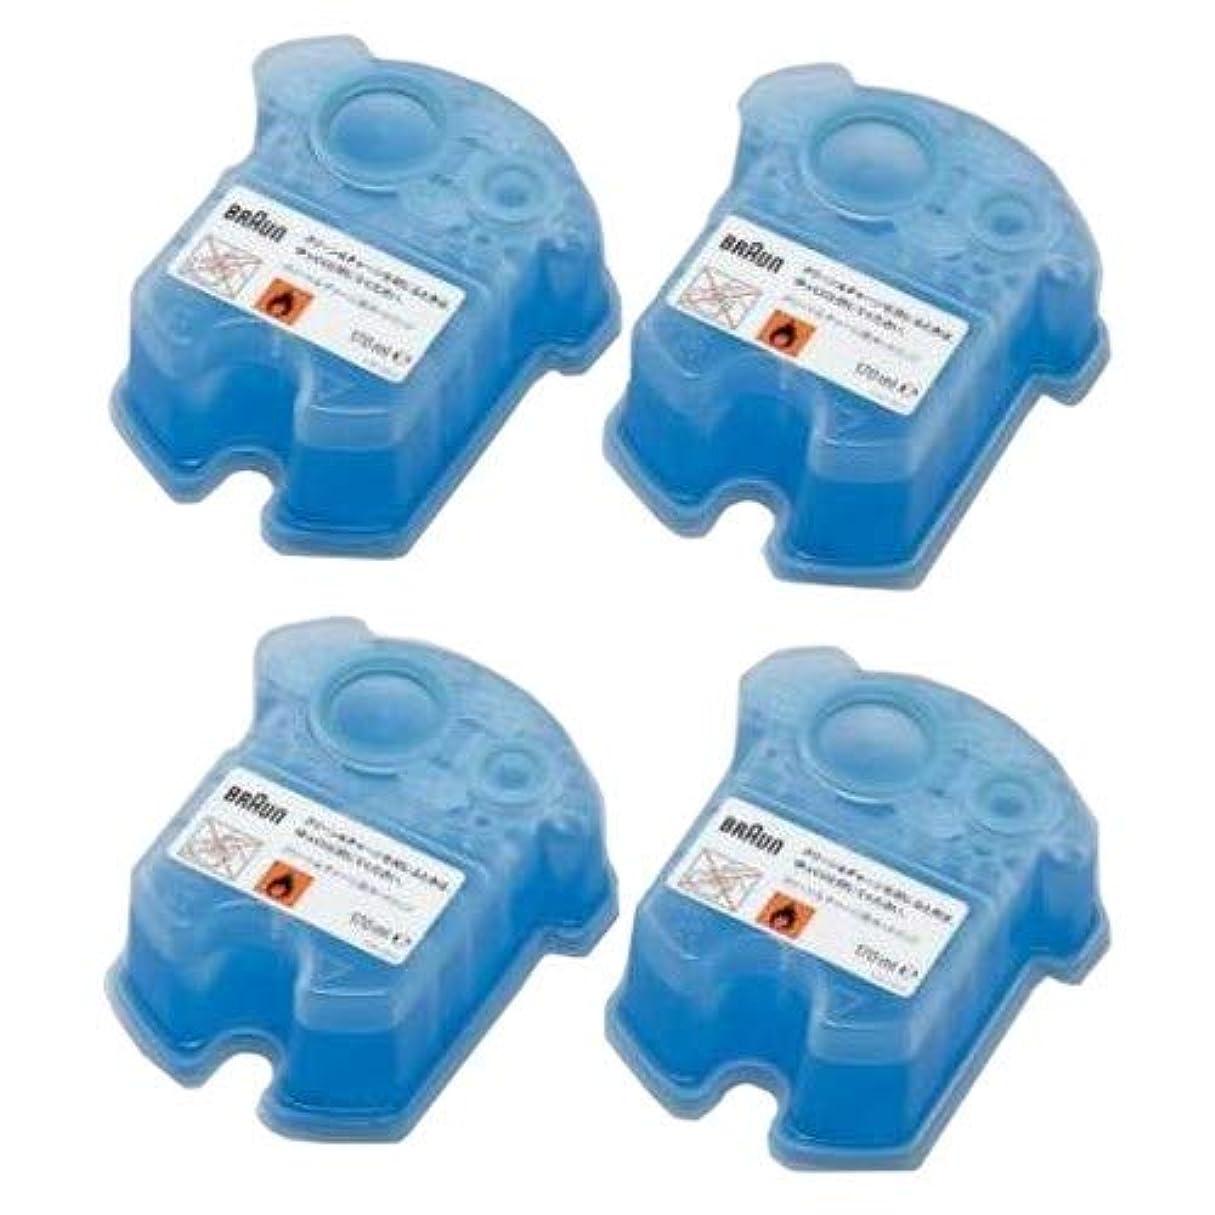 スタンド異常な迷路【2セット】ブラウン メンズシェーバー アルコール洗浄システム専用洗浄液カートリッジ (4個入×2セット)(計8個) CCR4CR-2SET